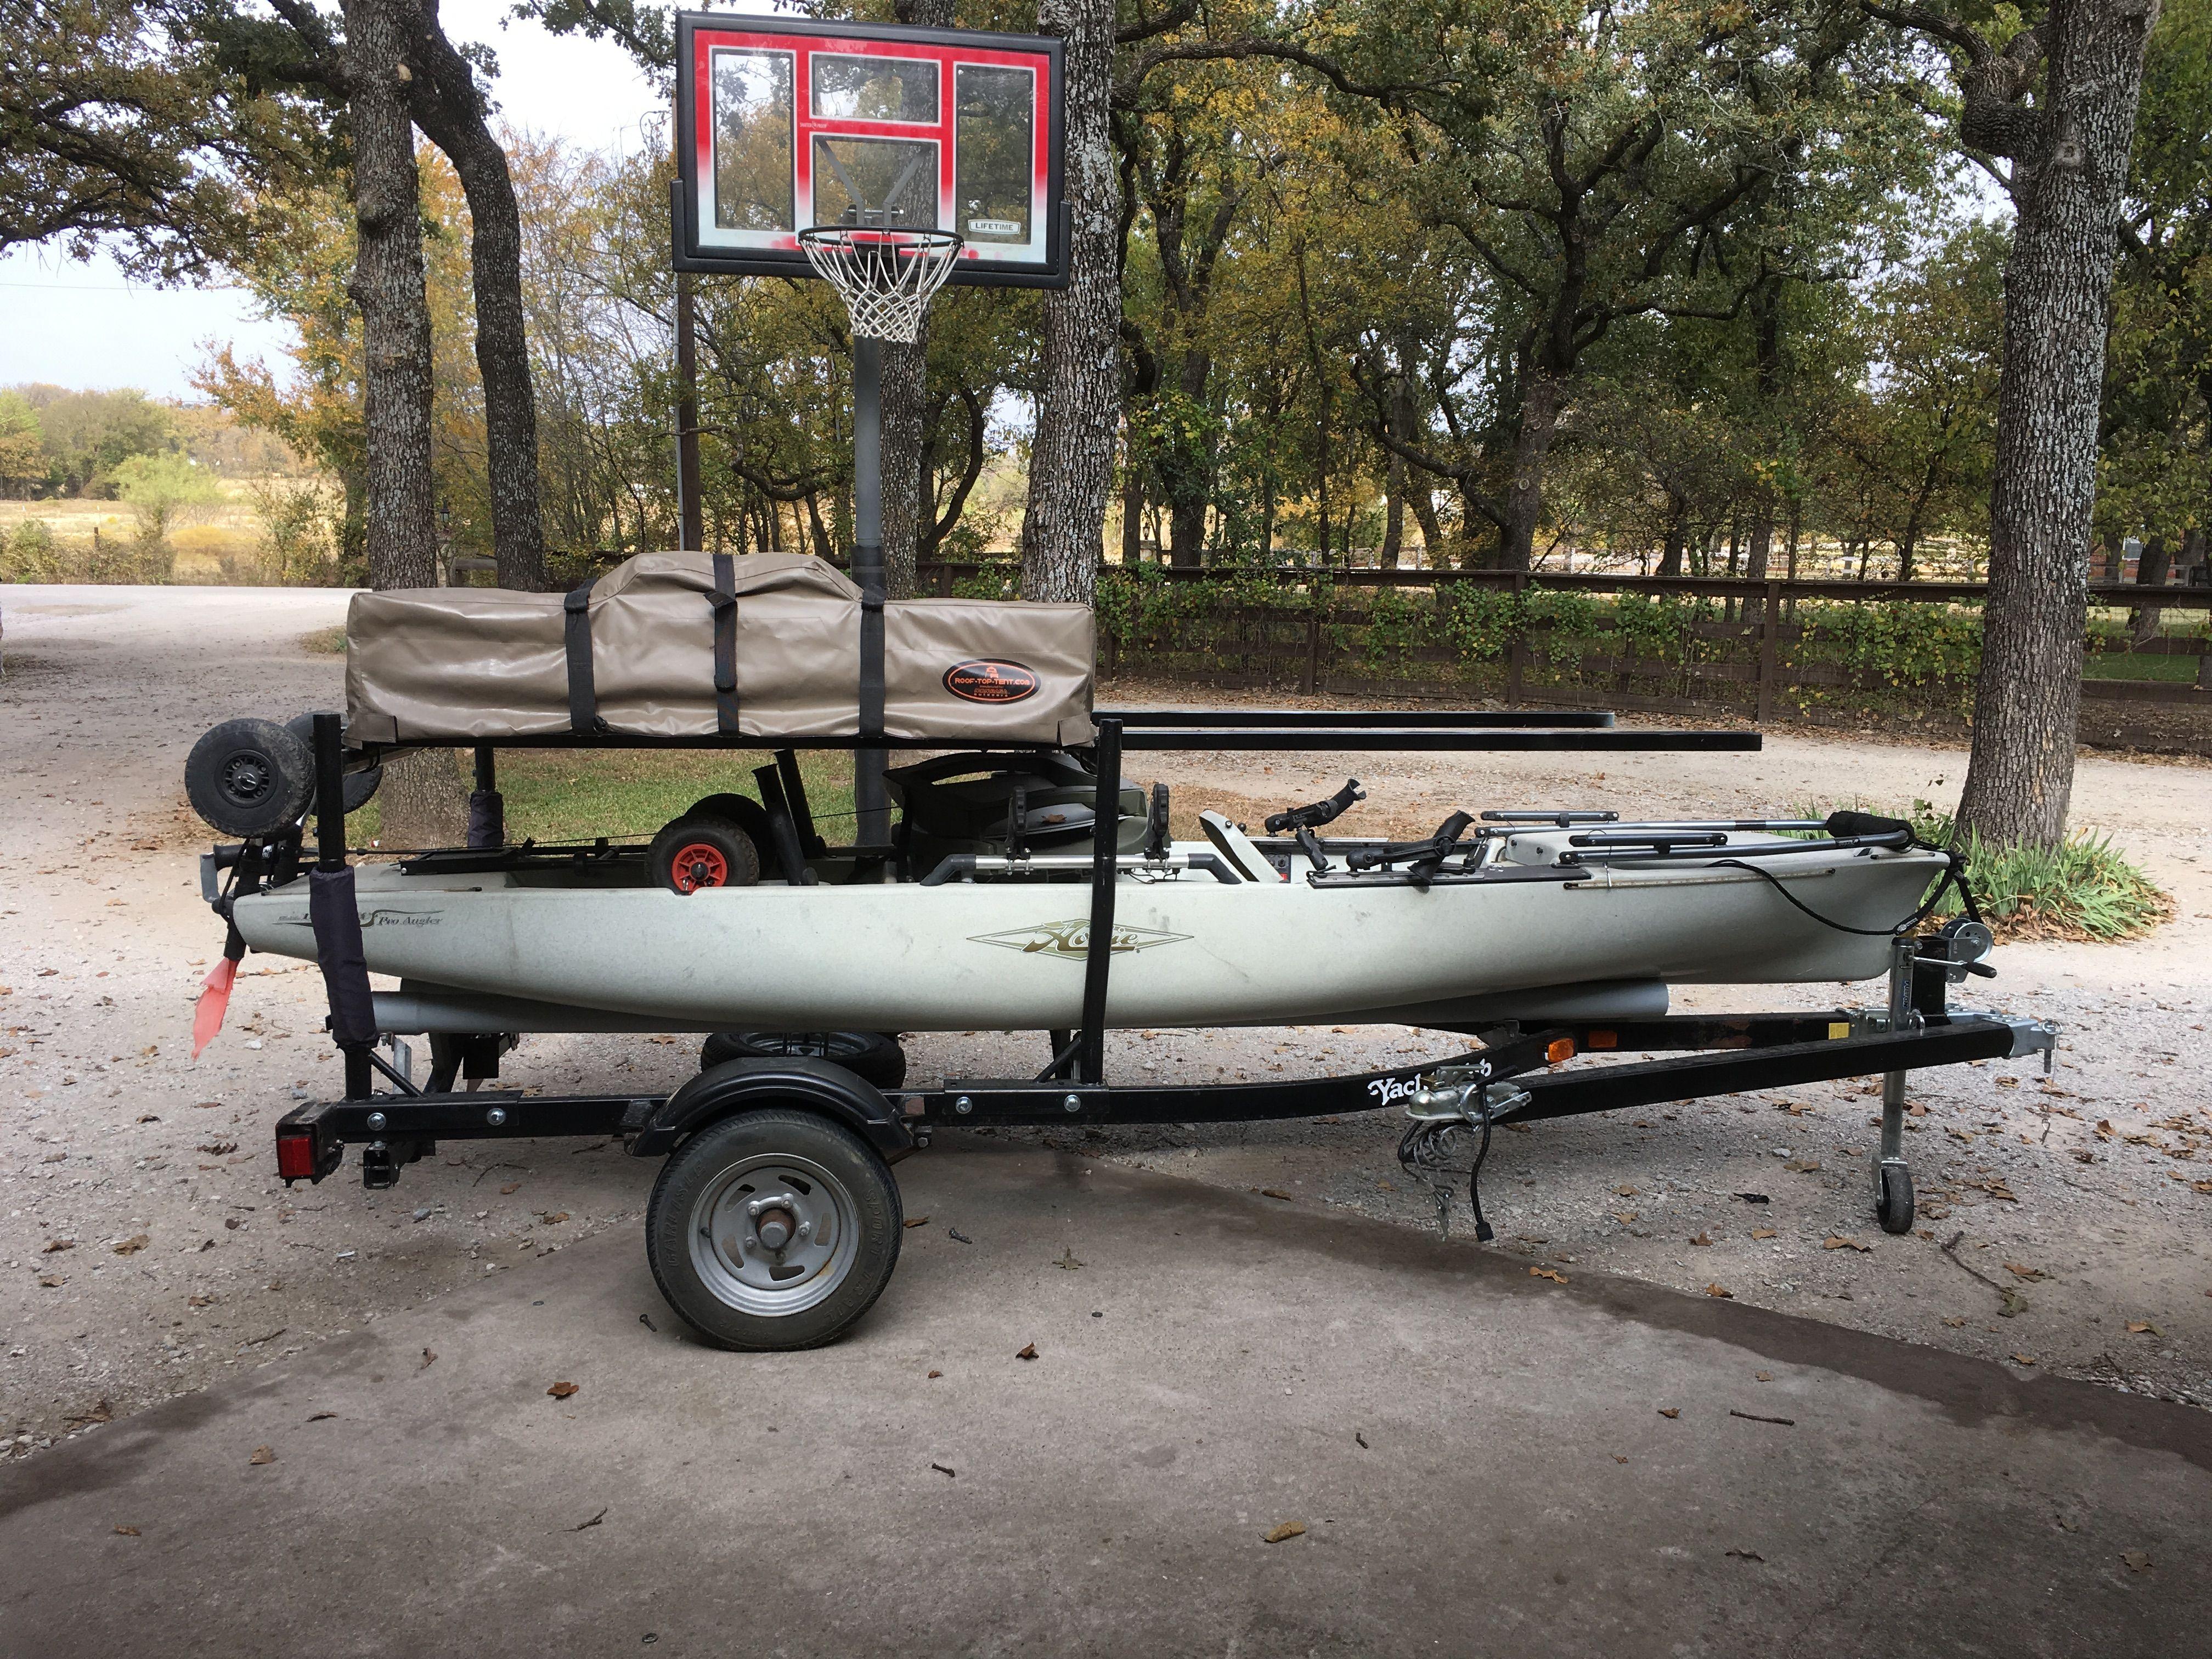 Pin By Dale Kildal On Kayak Roof Top Tent Rtt Kayak Trailer Kayak Fishing Kayaking